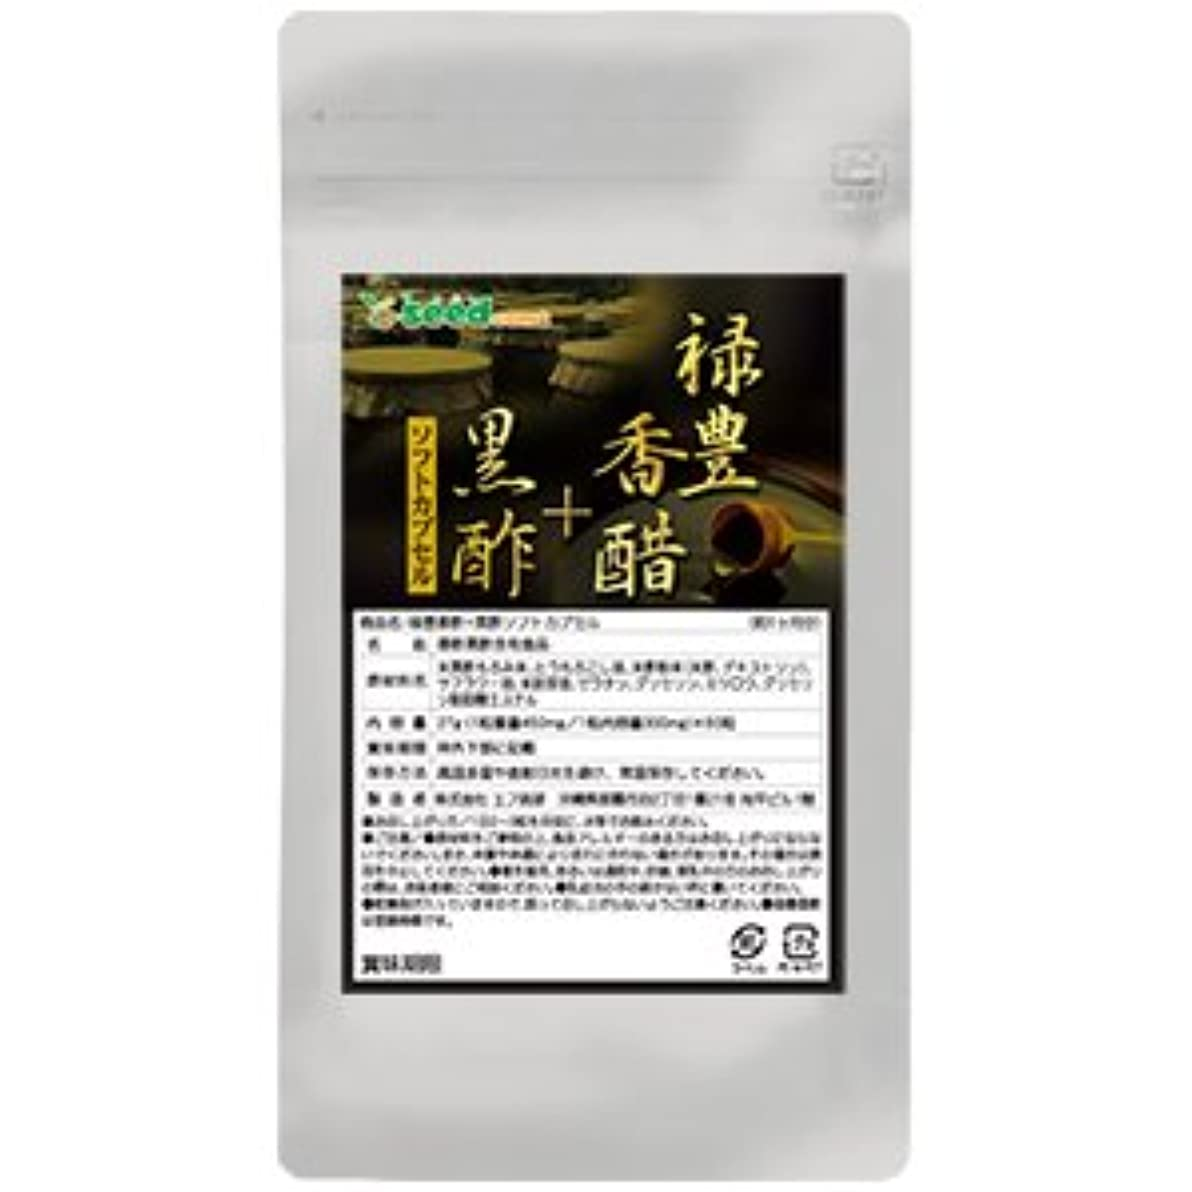 指定するモーターグレートバリアリーフ禄豊 香酢 + 黒酢 ソフトカプセル (約3ヶ月分/180粒)